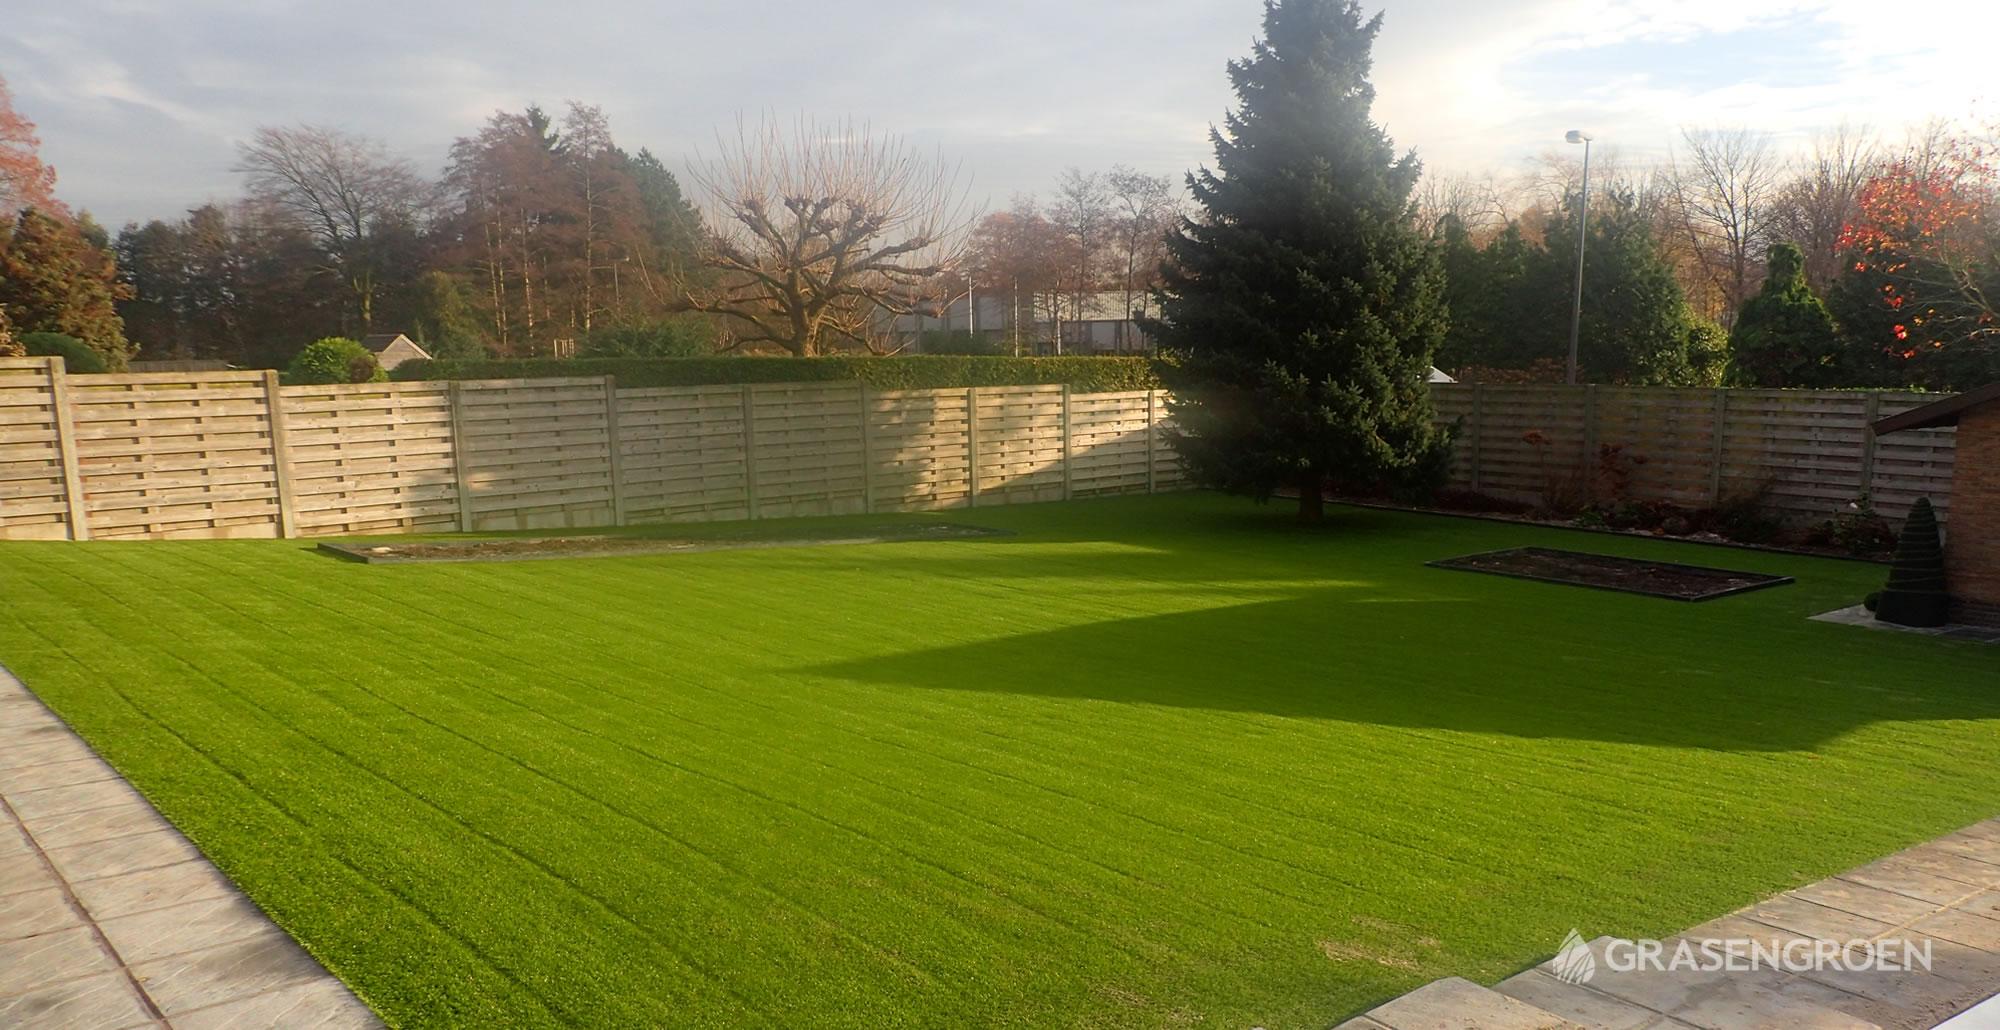 Kunstgrasleggenwuustwezel18 • Gras en Groen Kunstgras